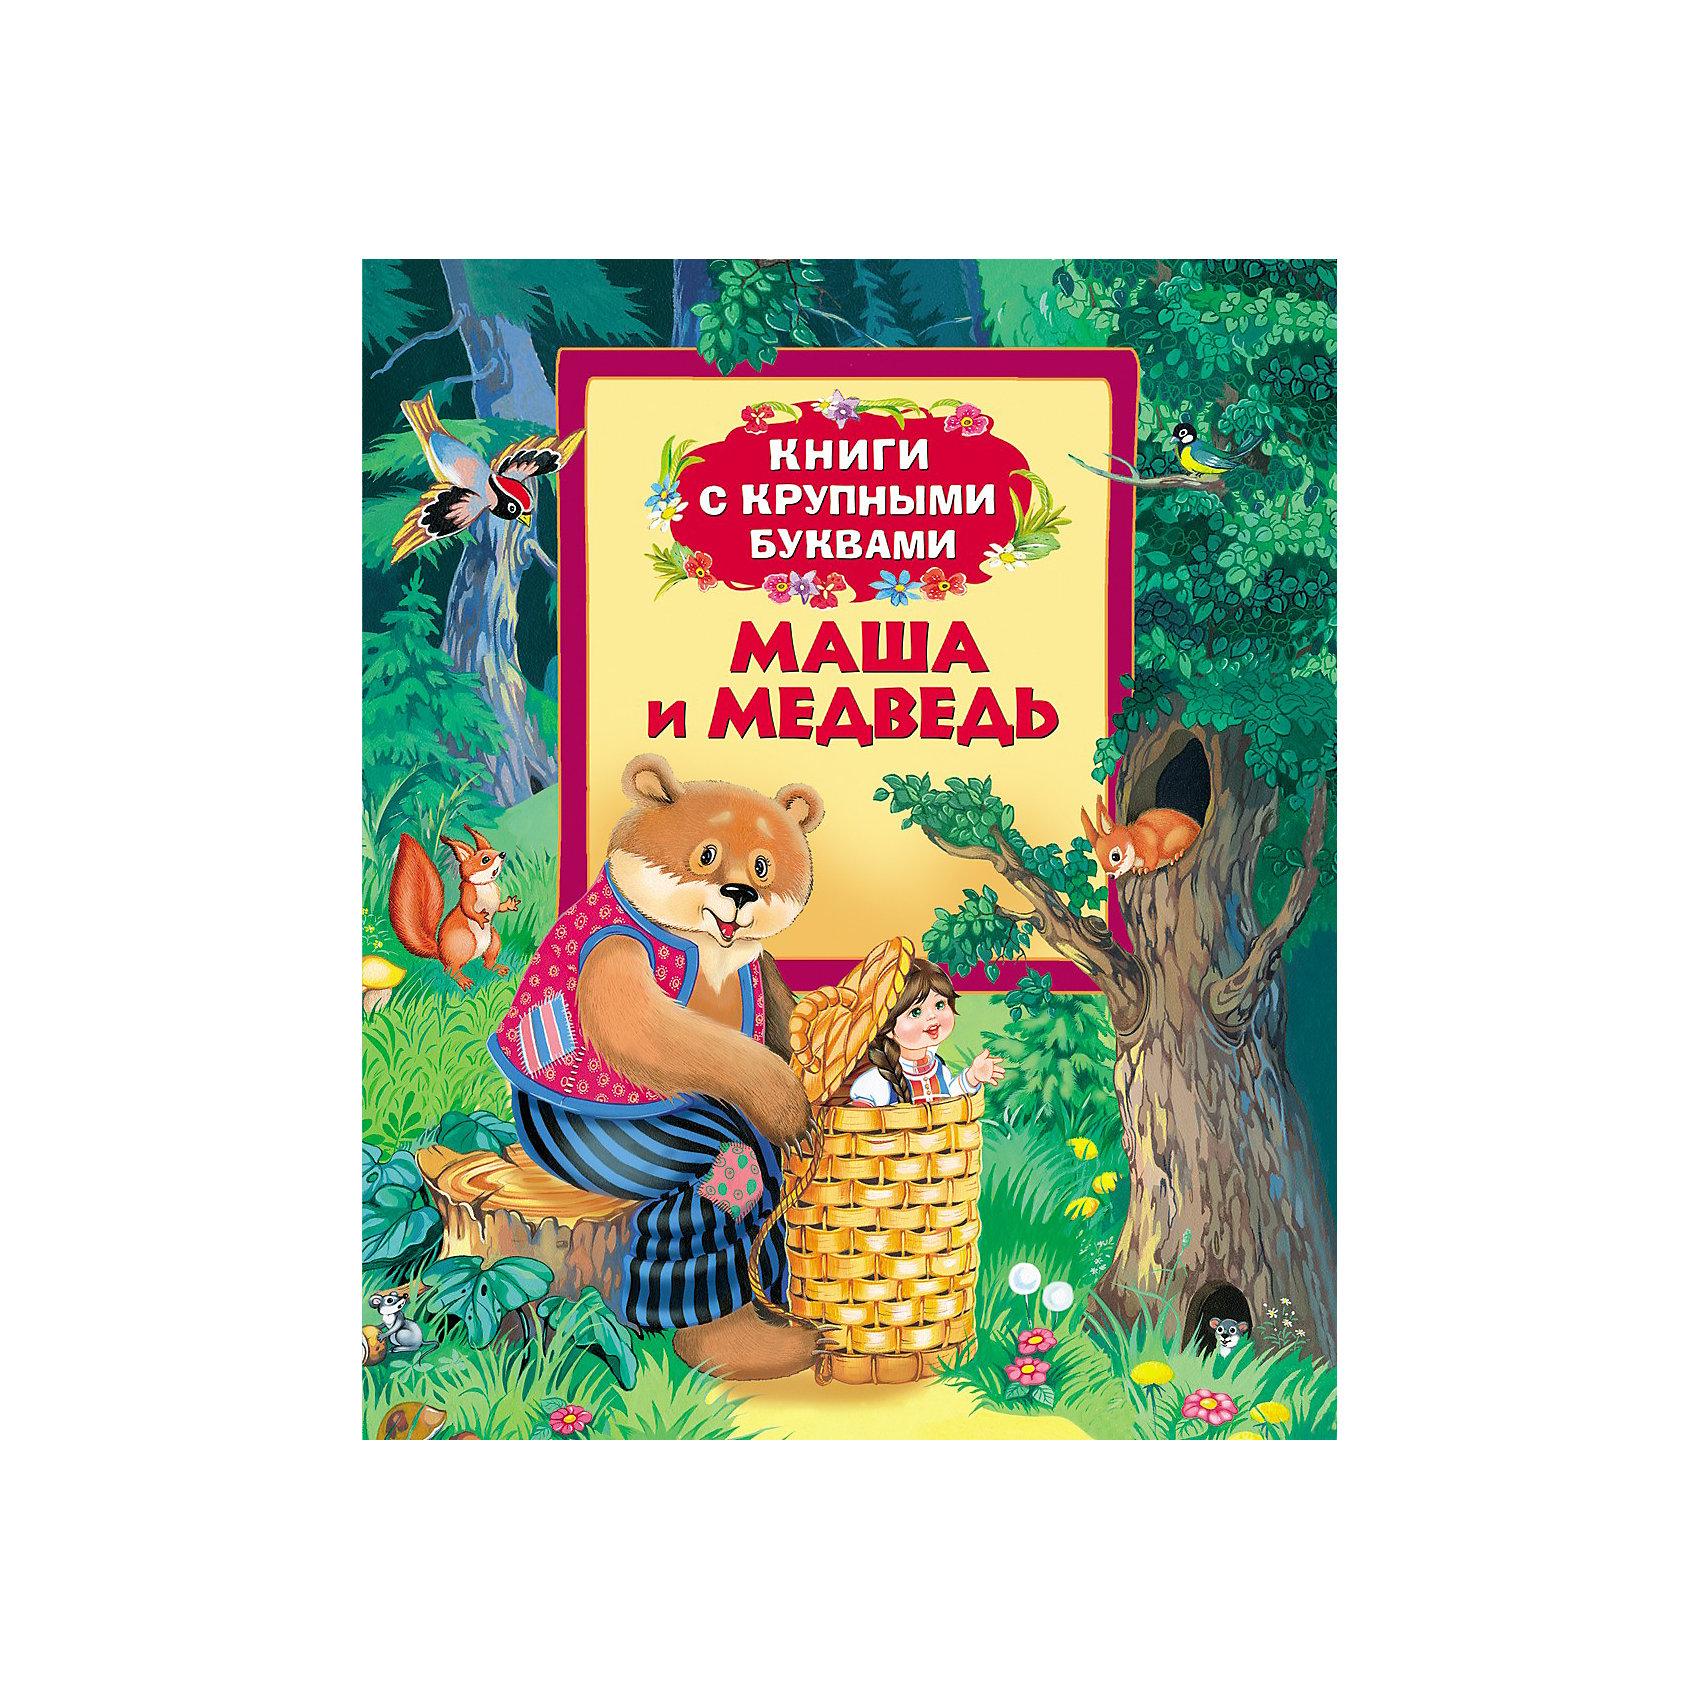 Книга с крупными буквами Маша и медведьРосмэн<br>Маша и медведь, серия Книги с крупными буквами, Росмэн – эта книжка с крупными буквами, предназначена для самостоятельного чтения детьми.<br>Крупный шрифт и знакомые ребенку произведения, рекомендованные для первого чтения, научат малыша легко и быстро складывать слоги в слова, составлять предложения и понимать прочитанное. А большие красочные жизнерадостные иллюстрации на каждой странице помогут ребенку лучше понять текст и вызовут желание дочитать книжку до конца. Читая страницу за страницей, ребенок познакомится с сюжетом сказок и научится лучше читать. В сборник вошли самые известные русские сказки. Книга представлена сказками: Маша и медведь, Коза-дереза. Тексты сказок даны в классической обработке М. Булатова, О. Капицы. Иллюстрации Д. Лемко.<br><br>Дополнительная информация:<br><br>- Тип переплета (обложка): твердая<br>- Размер: 198 x 235 мм.<br>- Количество страниц: 32<br>- Иллюстрации: цветные<br><br>Книгу «Маша и медведь», серия Книги с крупными буквами, Росмэн можно купить в нашем интернет-магазине.<br><br>Ширина мм: 240<br>Глубина мм: 205<br>Высота мм: 8<br>Вес г: 280<br>Возраст от месяцев: 36<br>Возраст до месяцев: 84<br>Пол: Унисекс<br>Возраст: Детский<br>SKU: 3633663